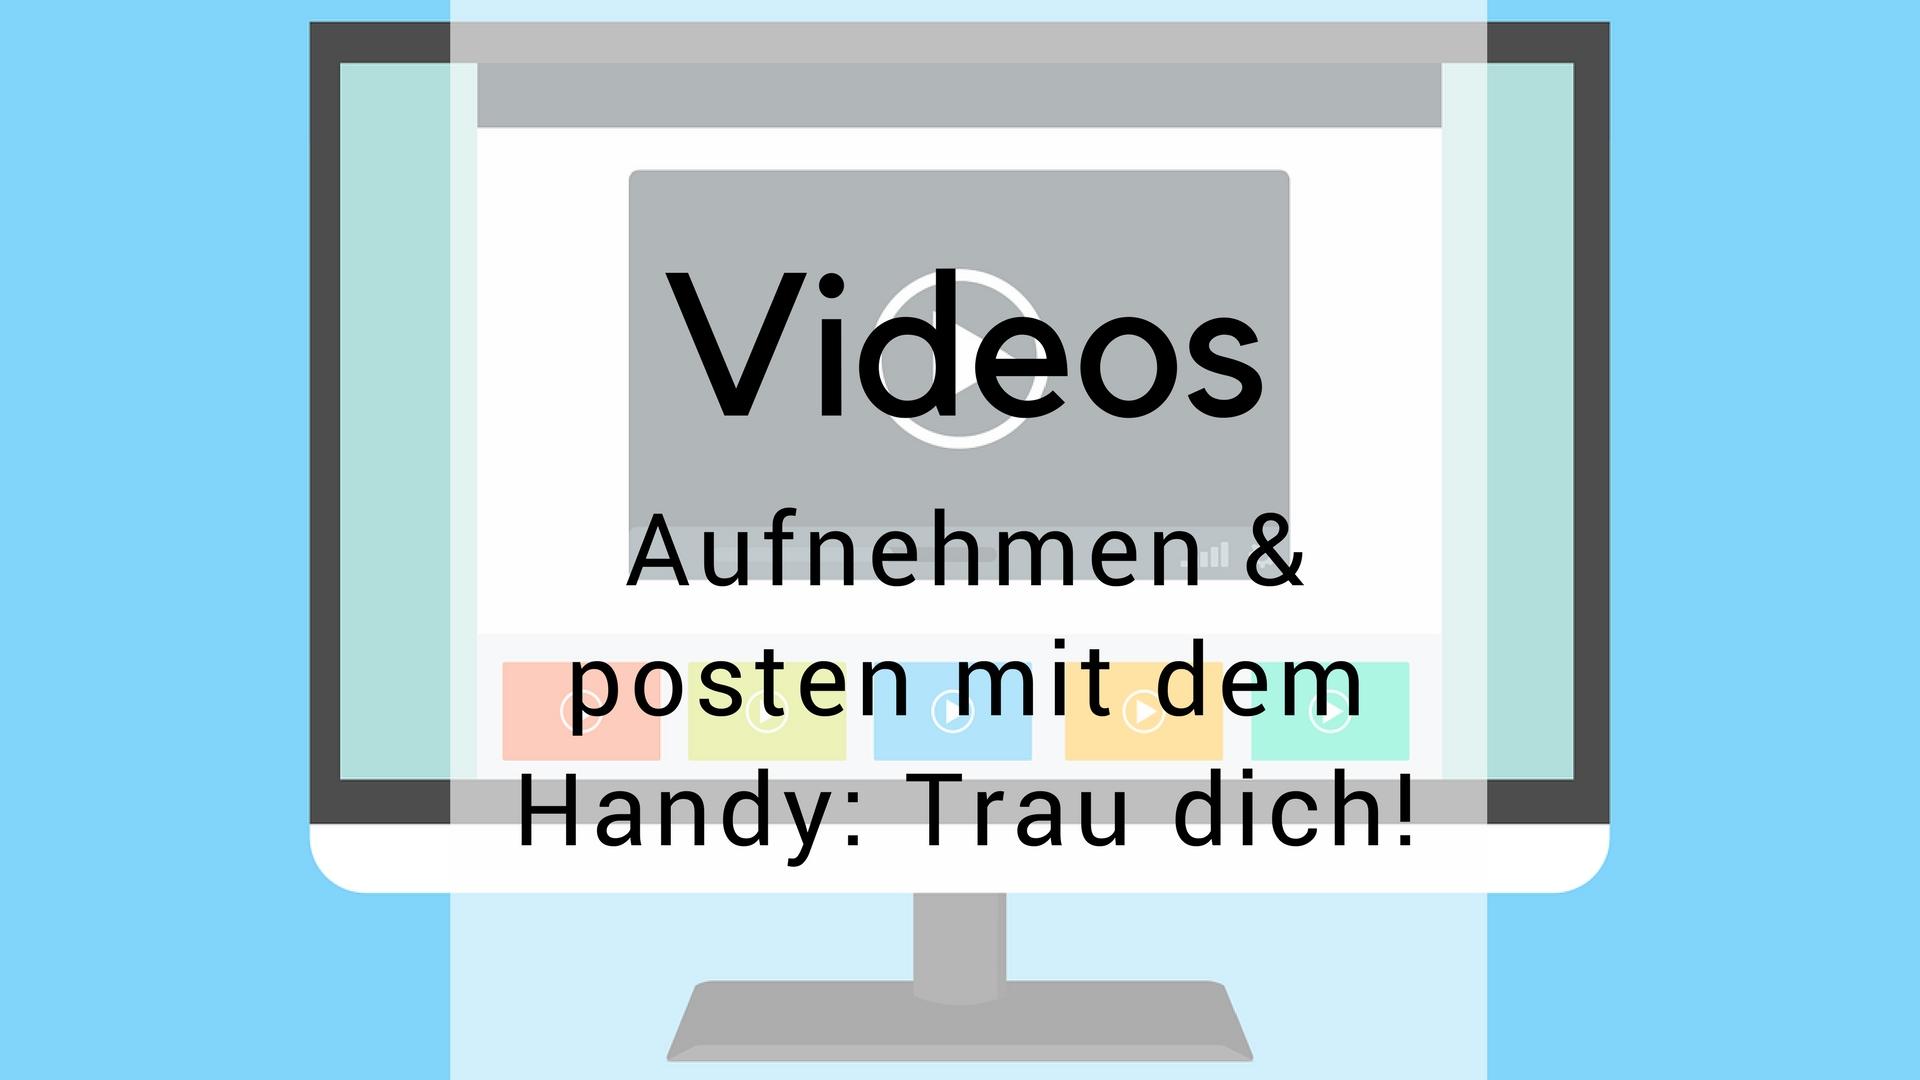 videos aufnehmen und posten mit handy